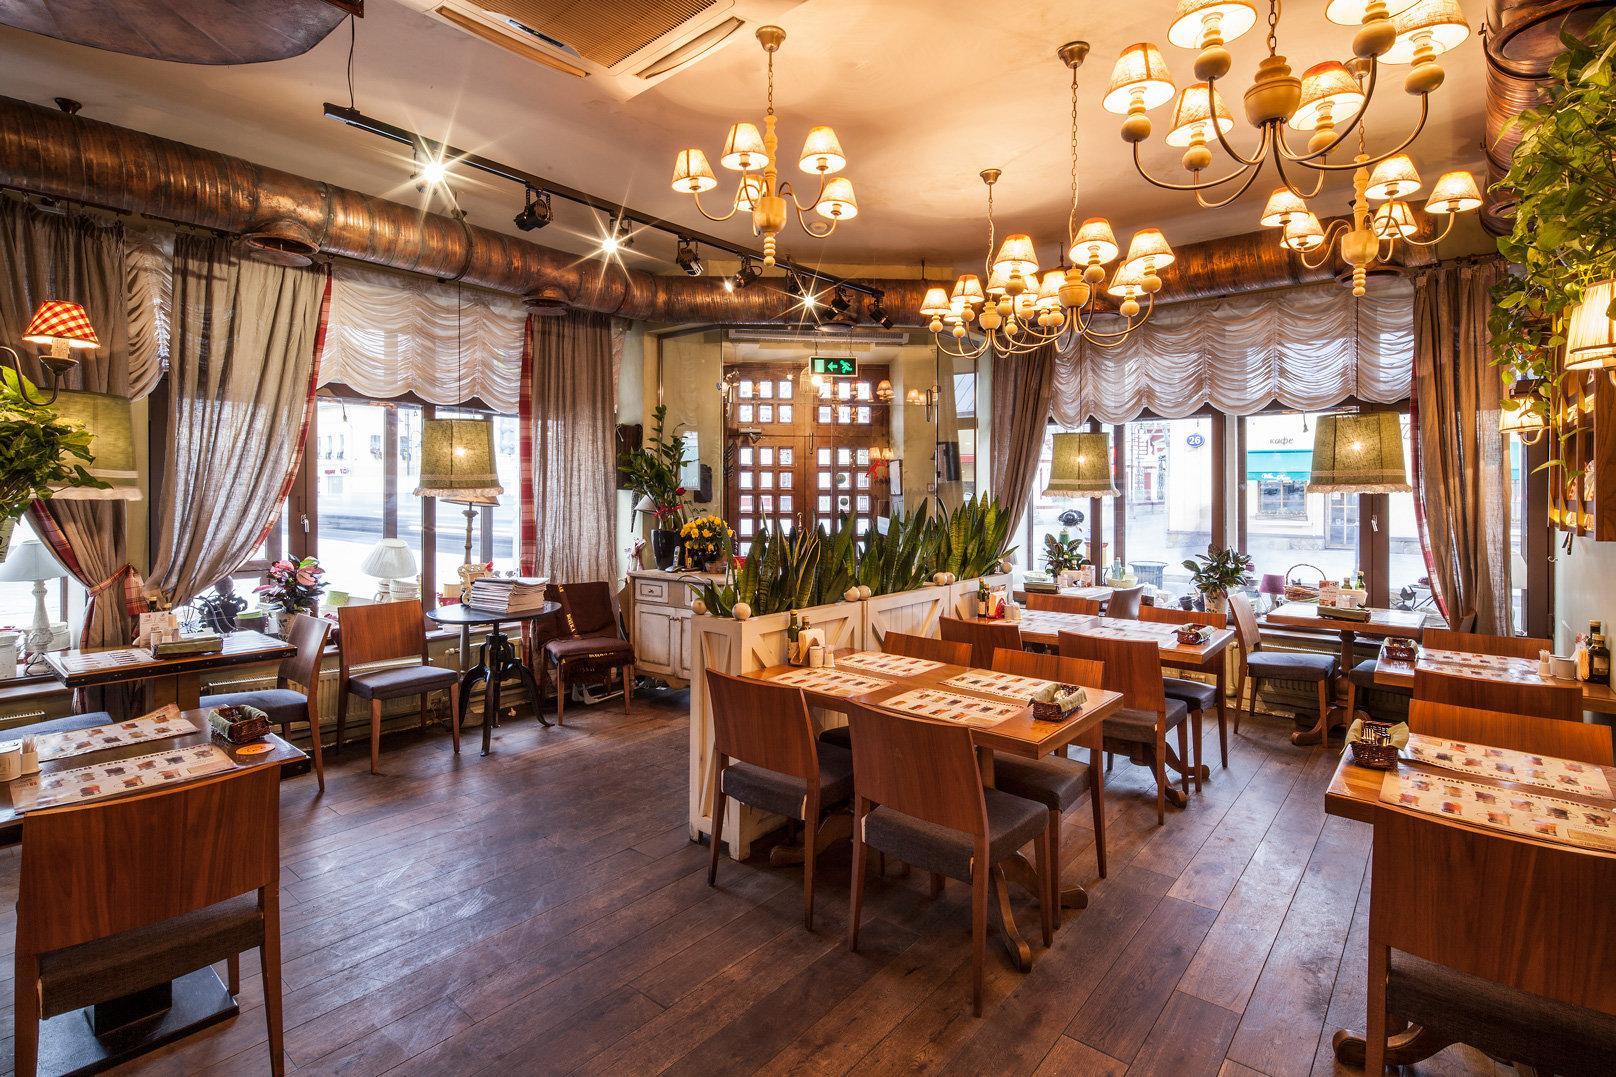 фотография Ресторана Джонджоли на Пятницкой улице